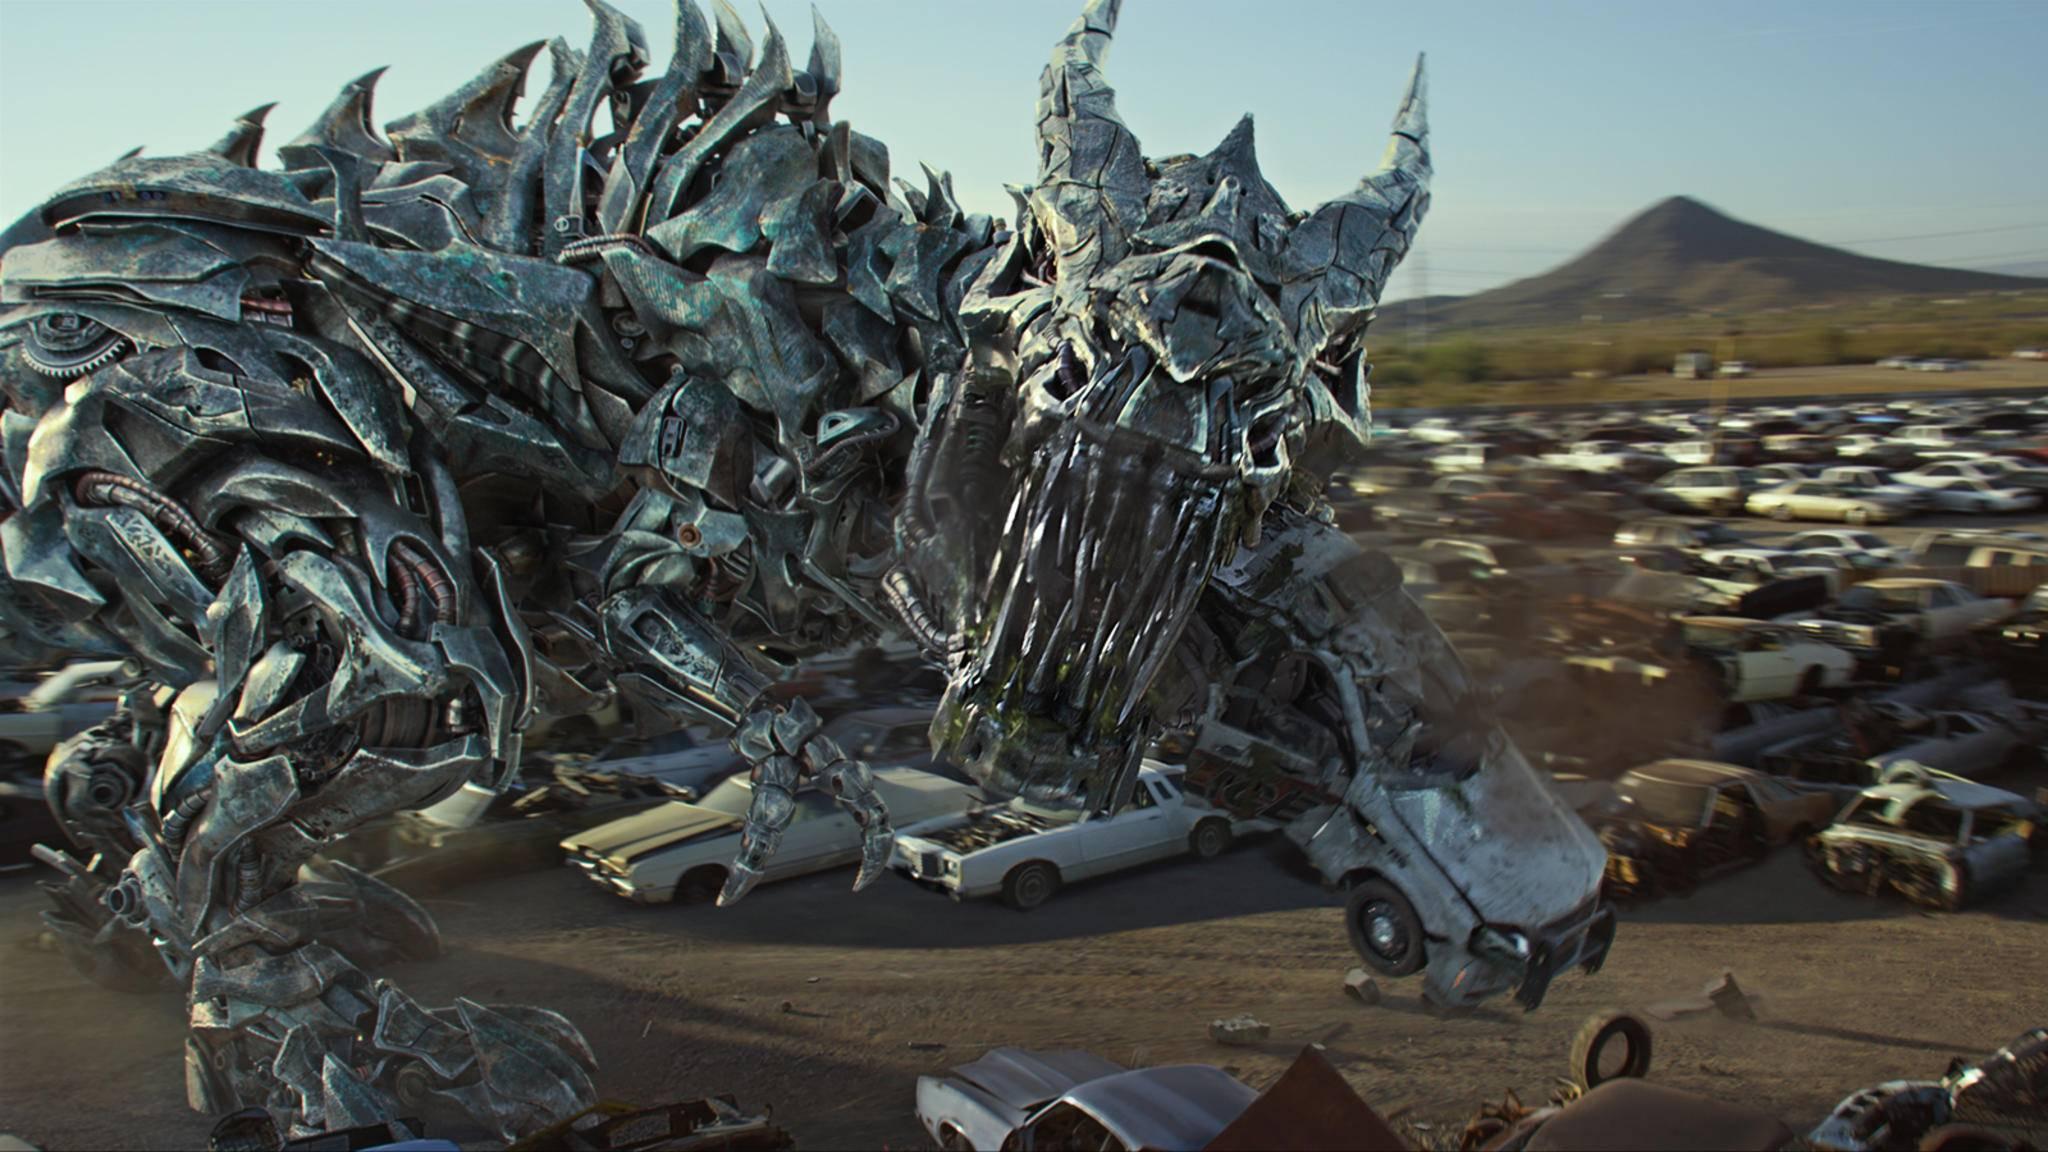 Teil 5 der Transformers-Reihe startet Kino Papenburg